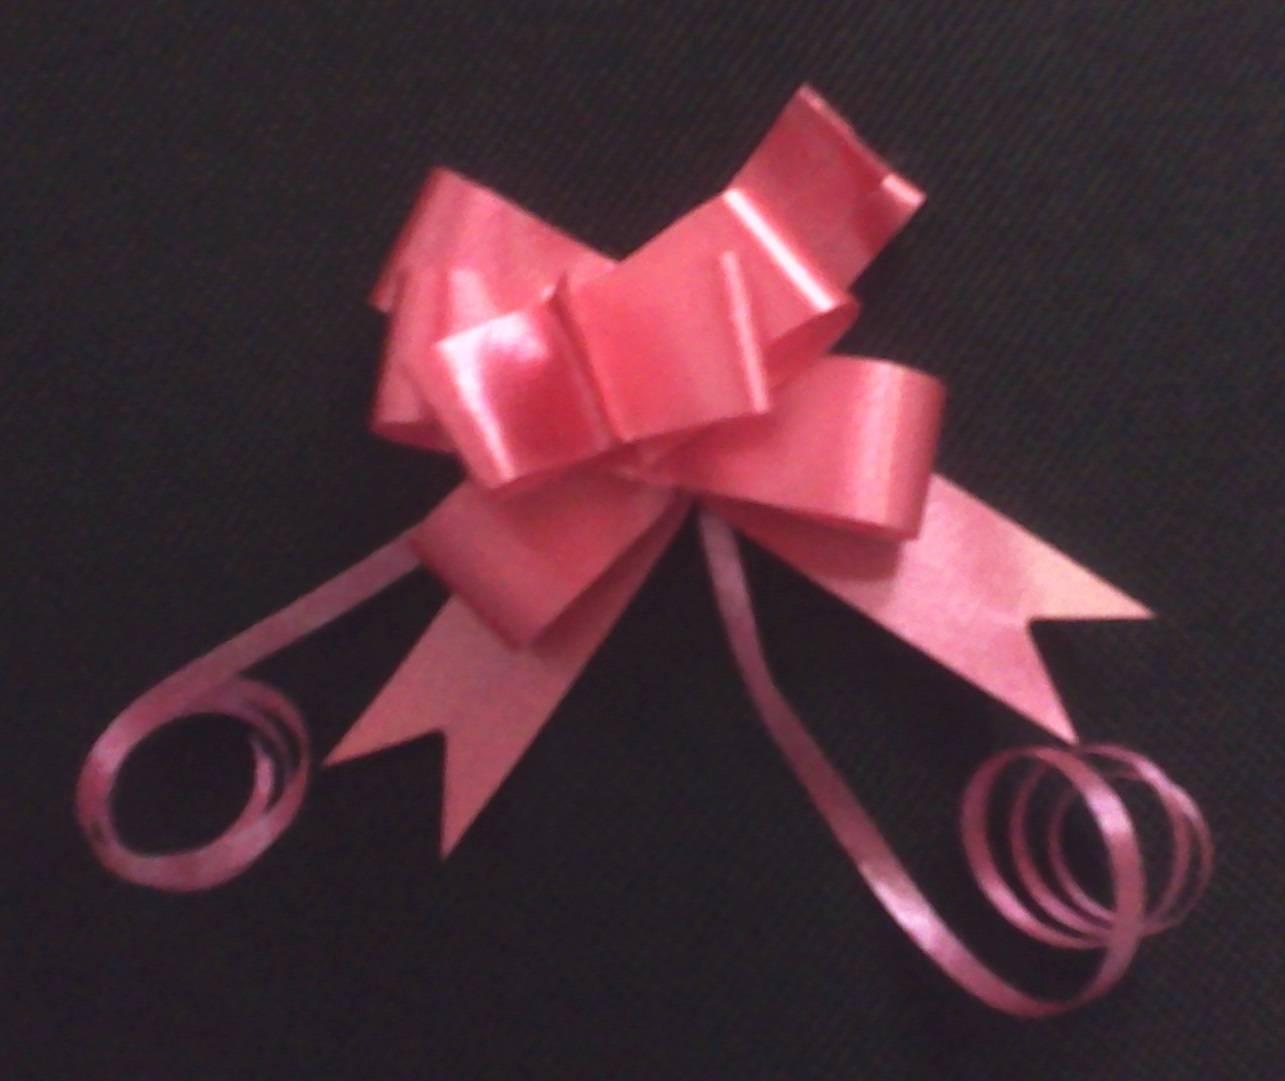 cfe5a5af7b01 Cómo hacer un moño con cinta de regalo - Innatia.com